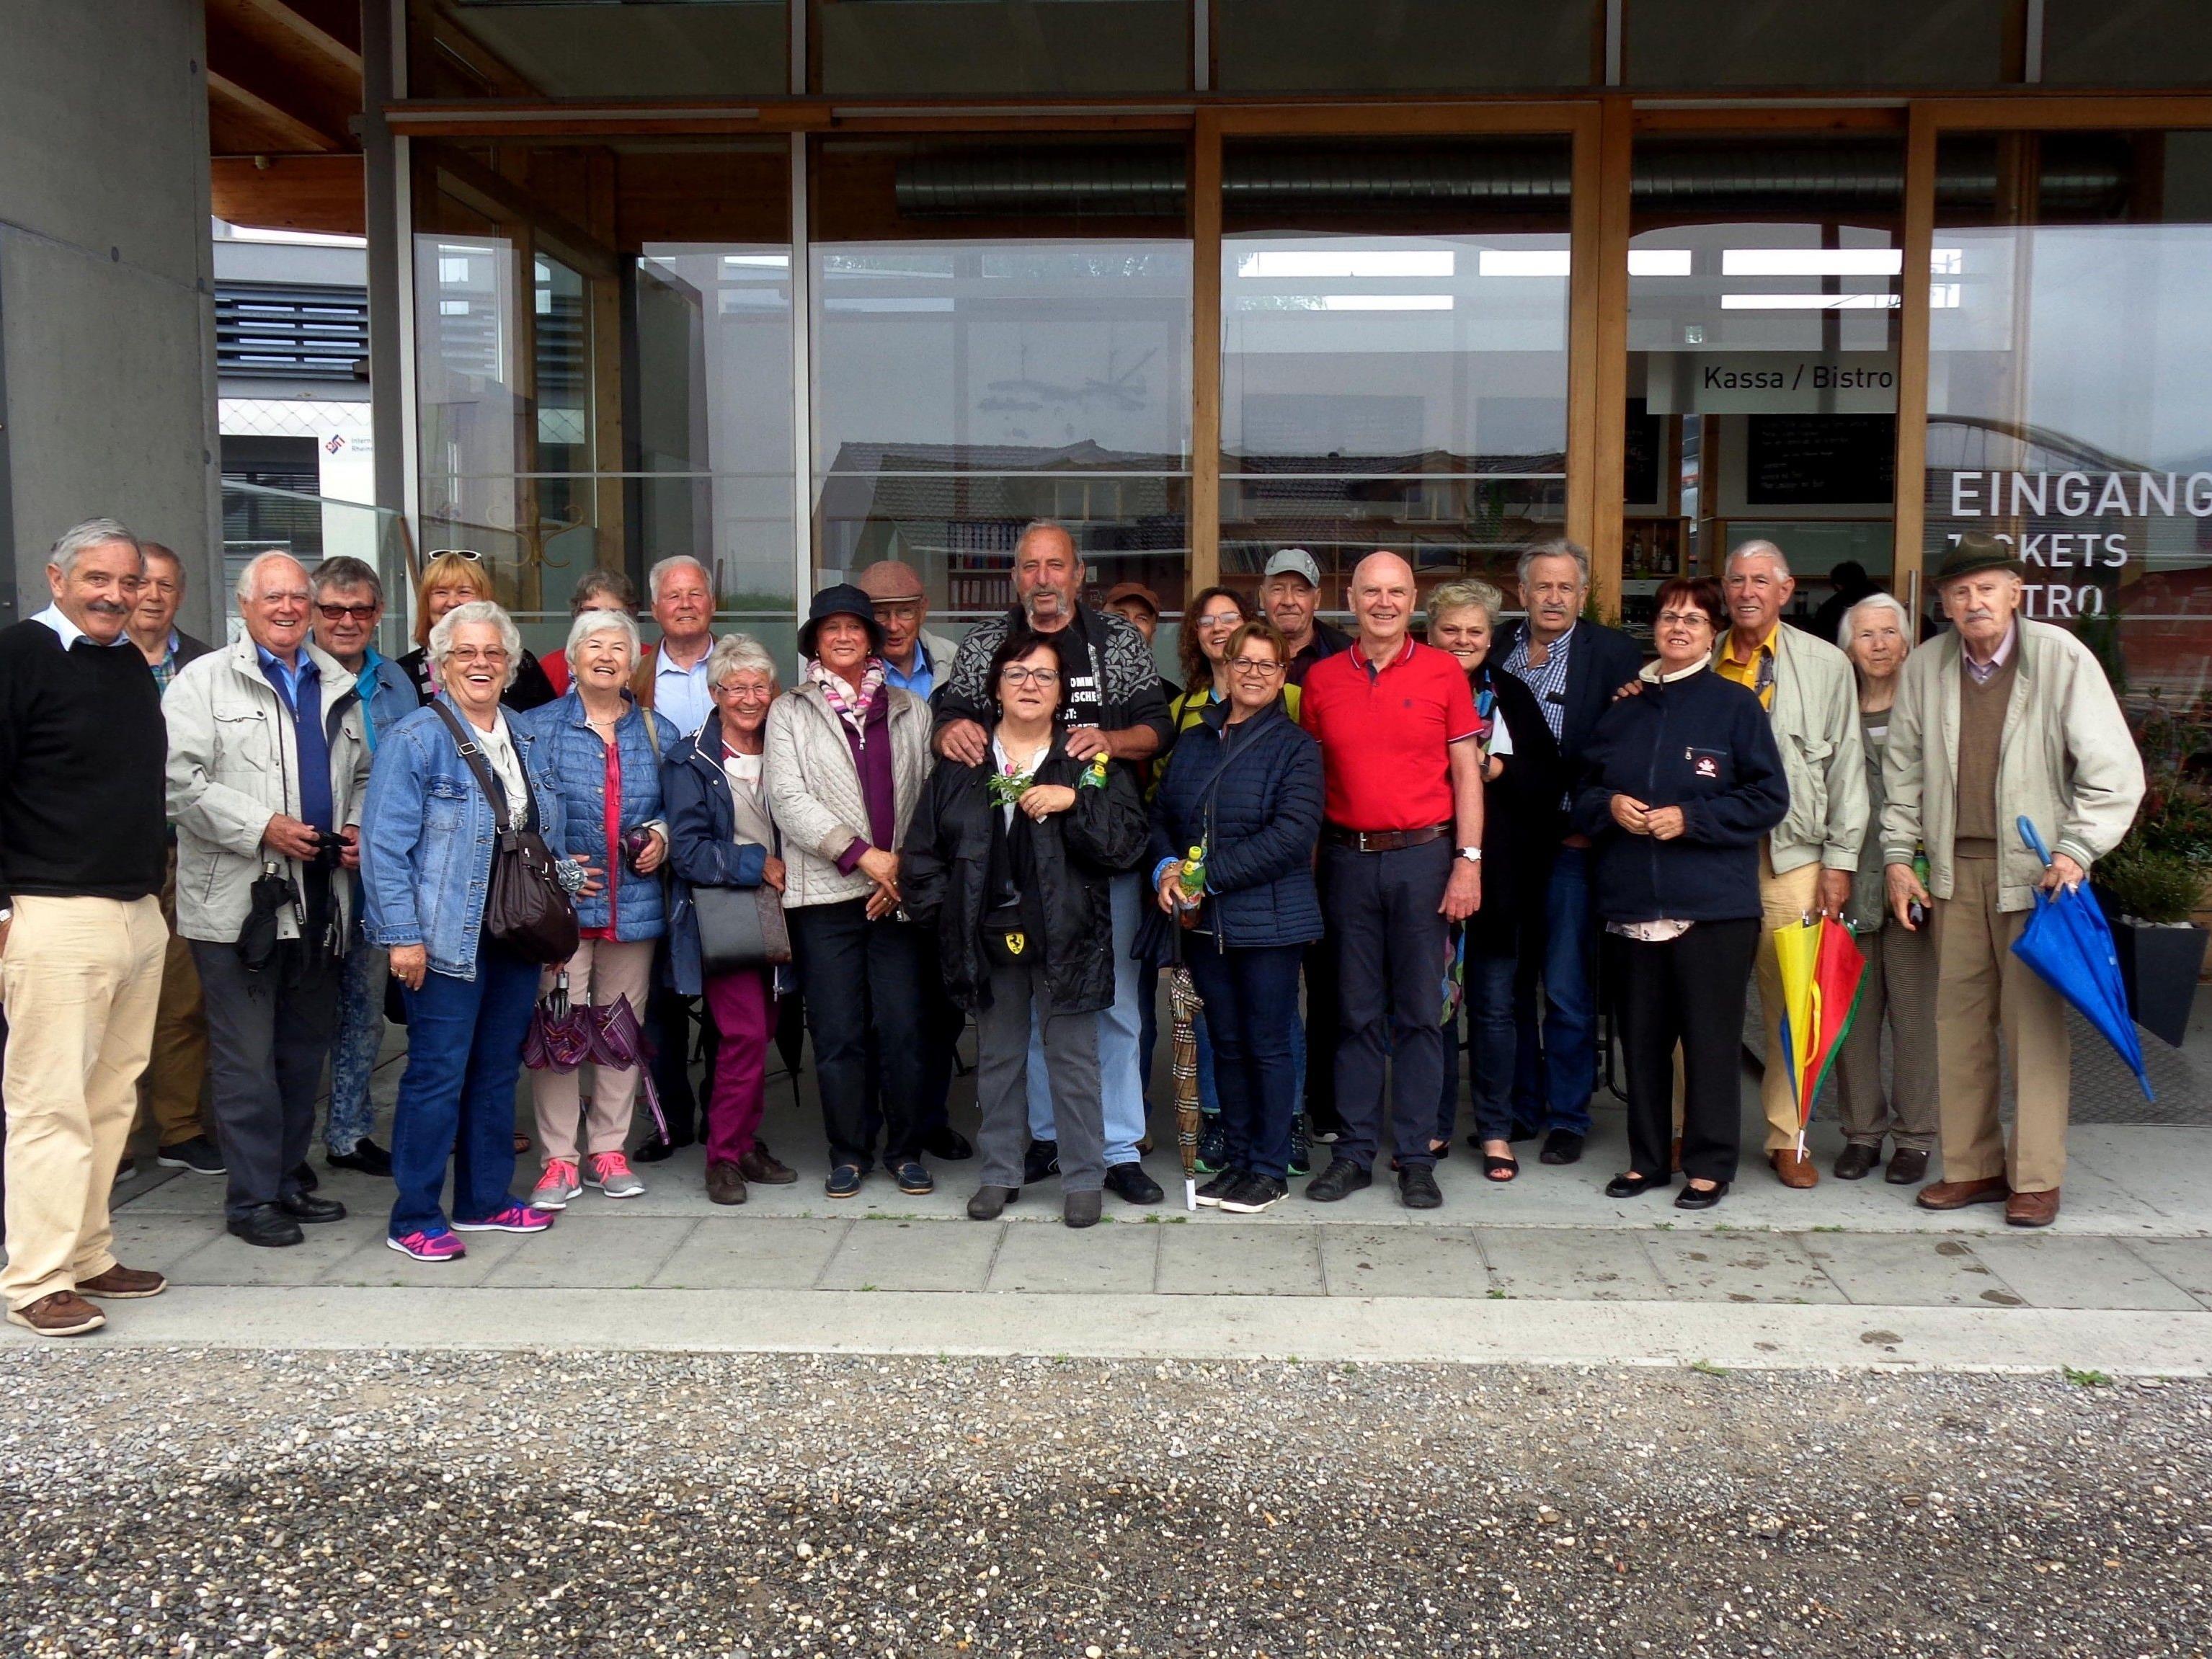 Seniorinnen und Senioren der Ortsgruppe Bregenz/Leiblachtal